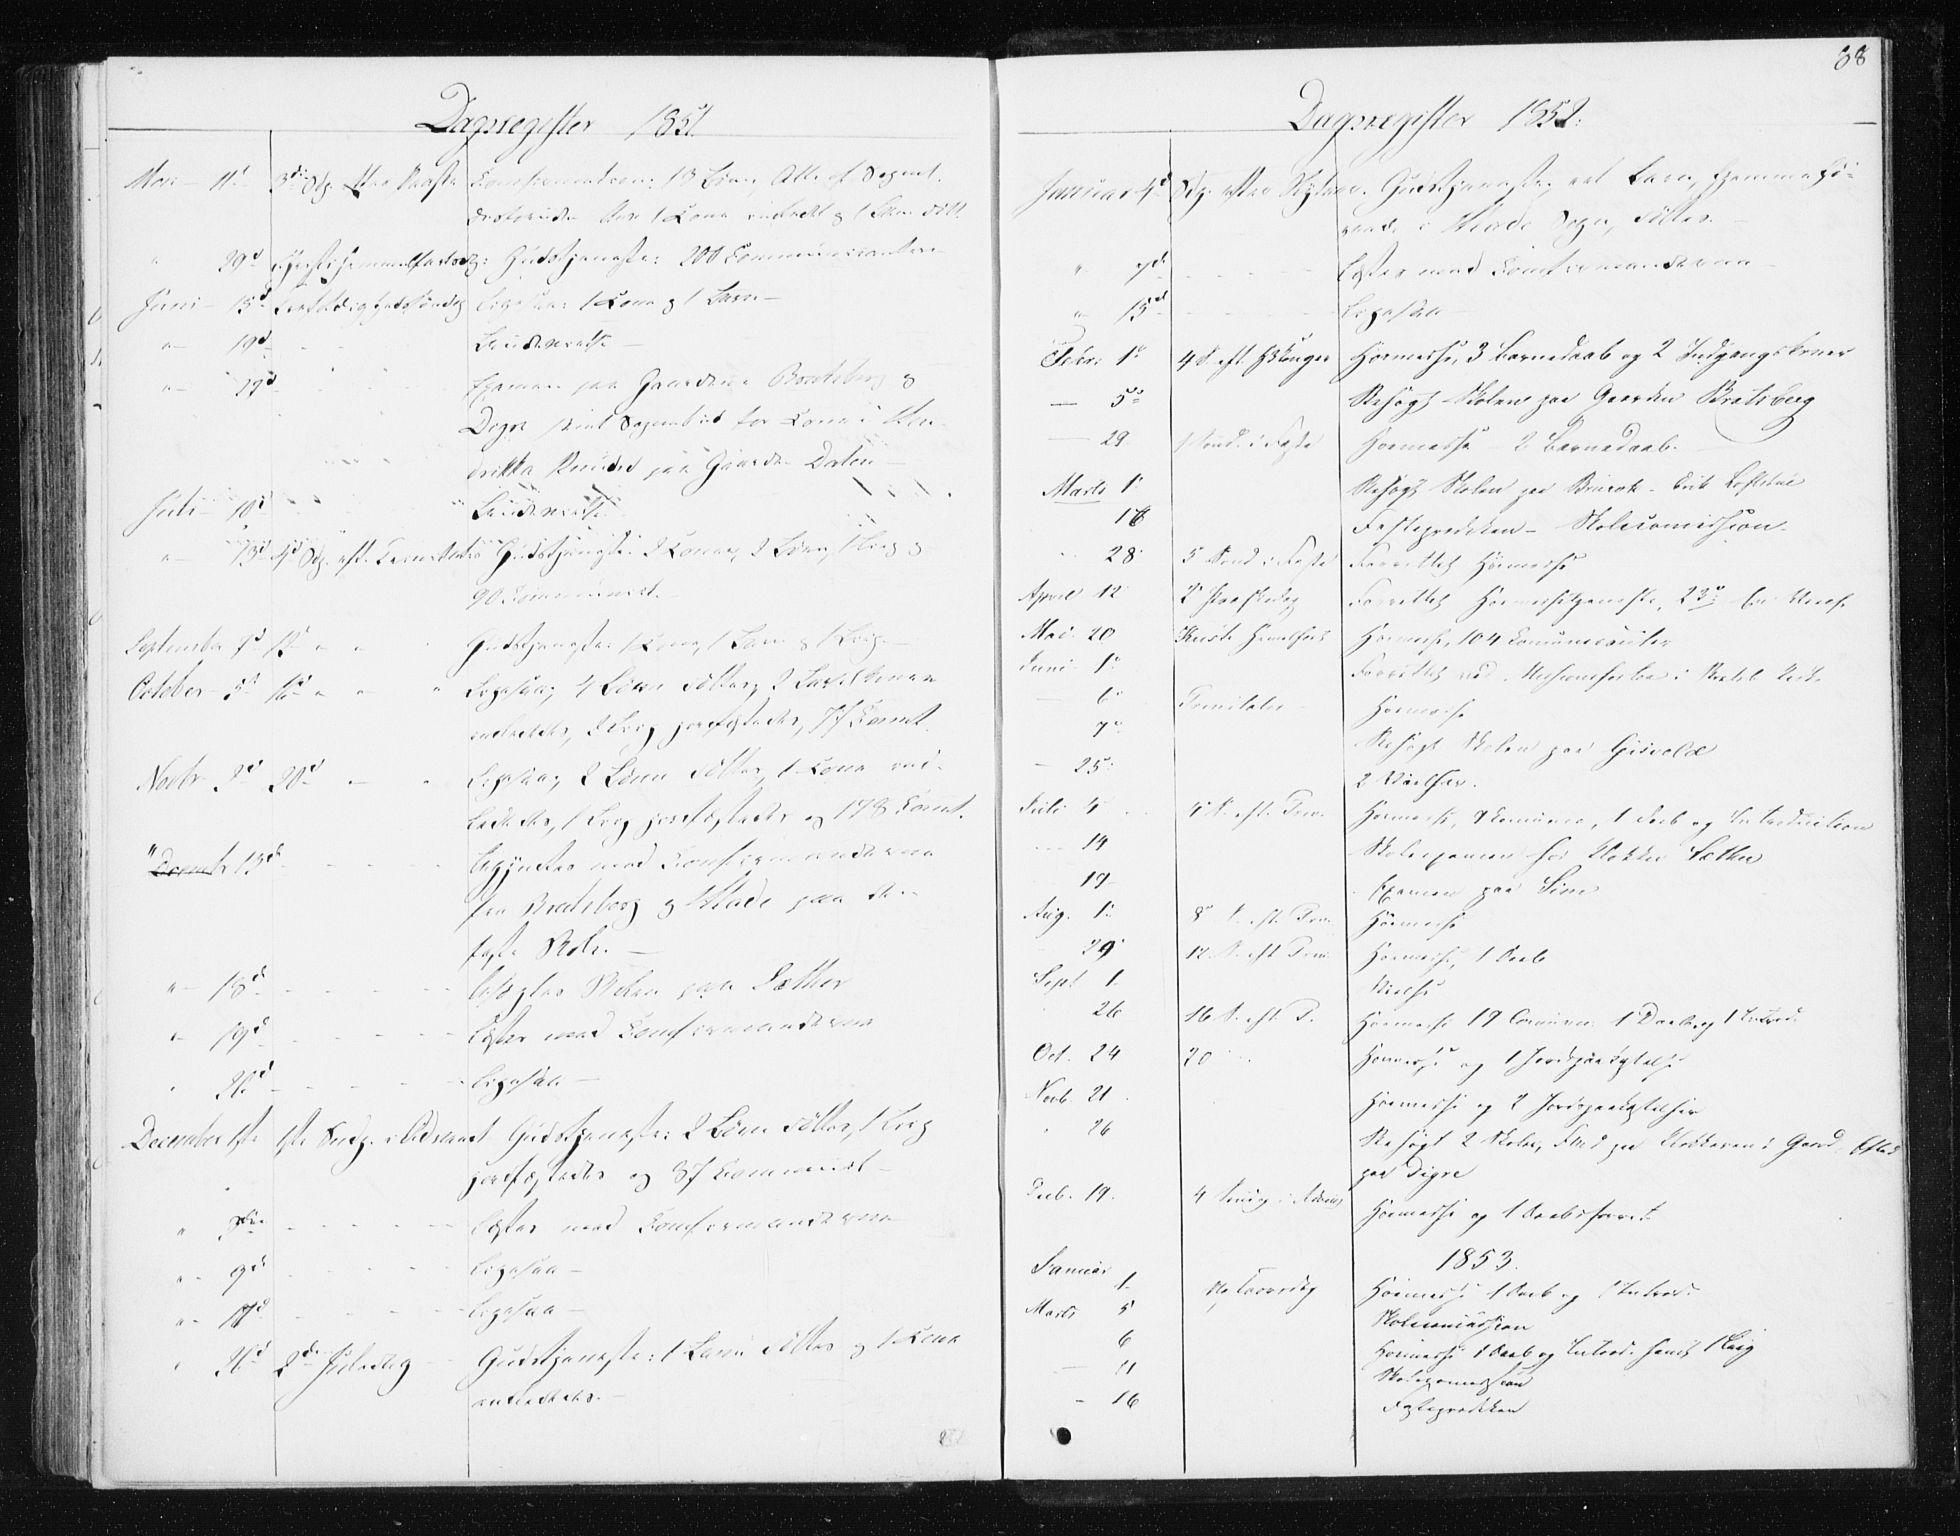 SAT, Ministerialprotokoller, klokkerbøker og fødselsregistre - Sør-Trøndelag, 608/L0332: Ministerialbok nr. 608A01, 1848-1861, s. 88